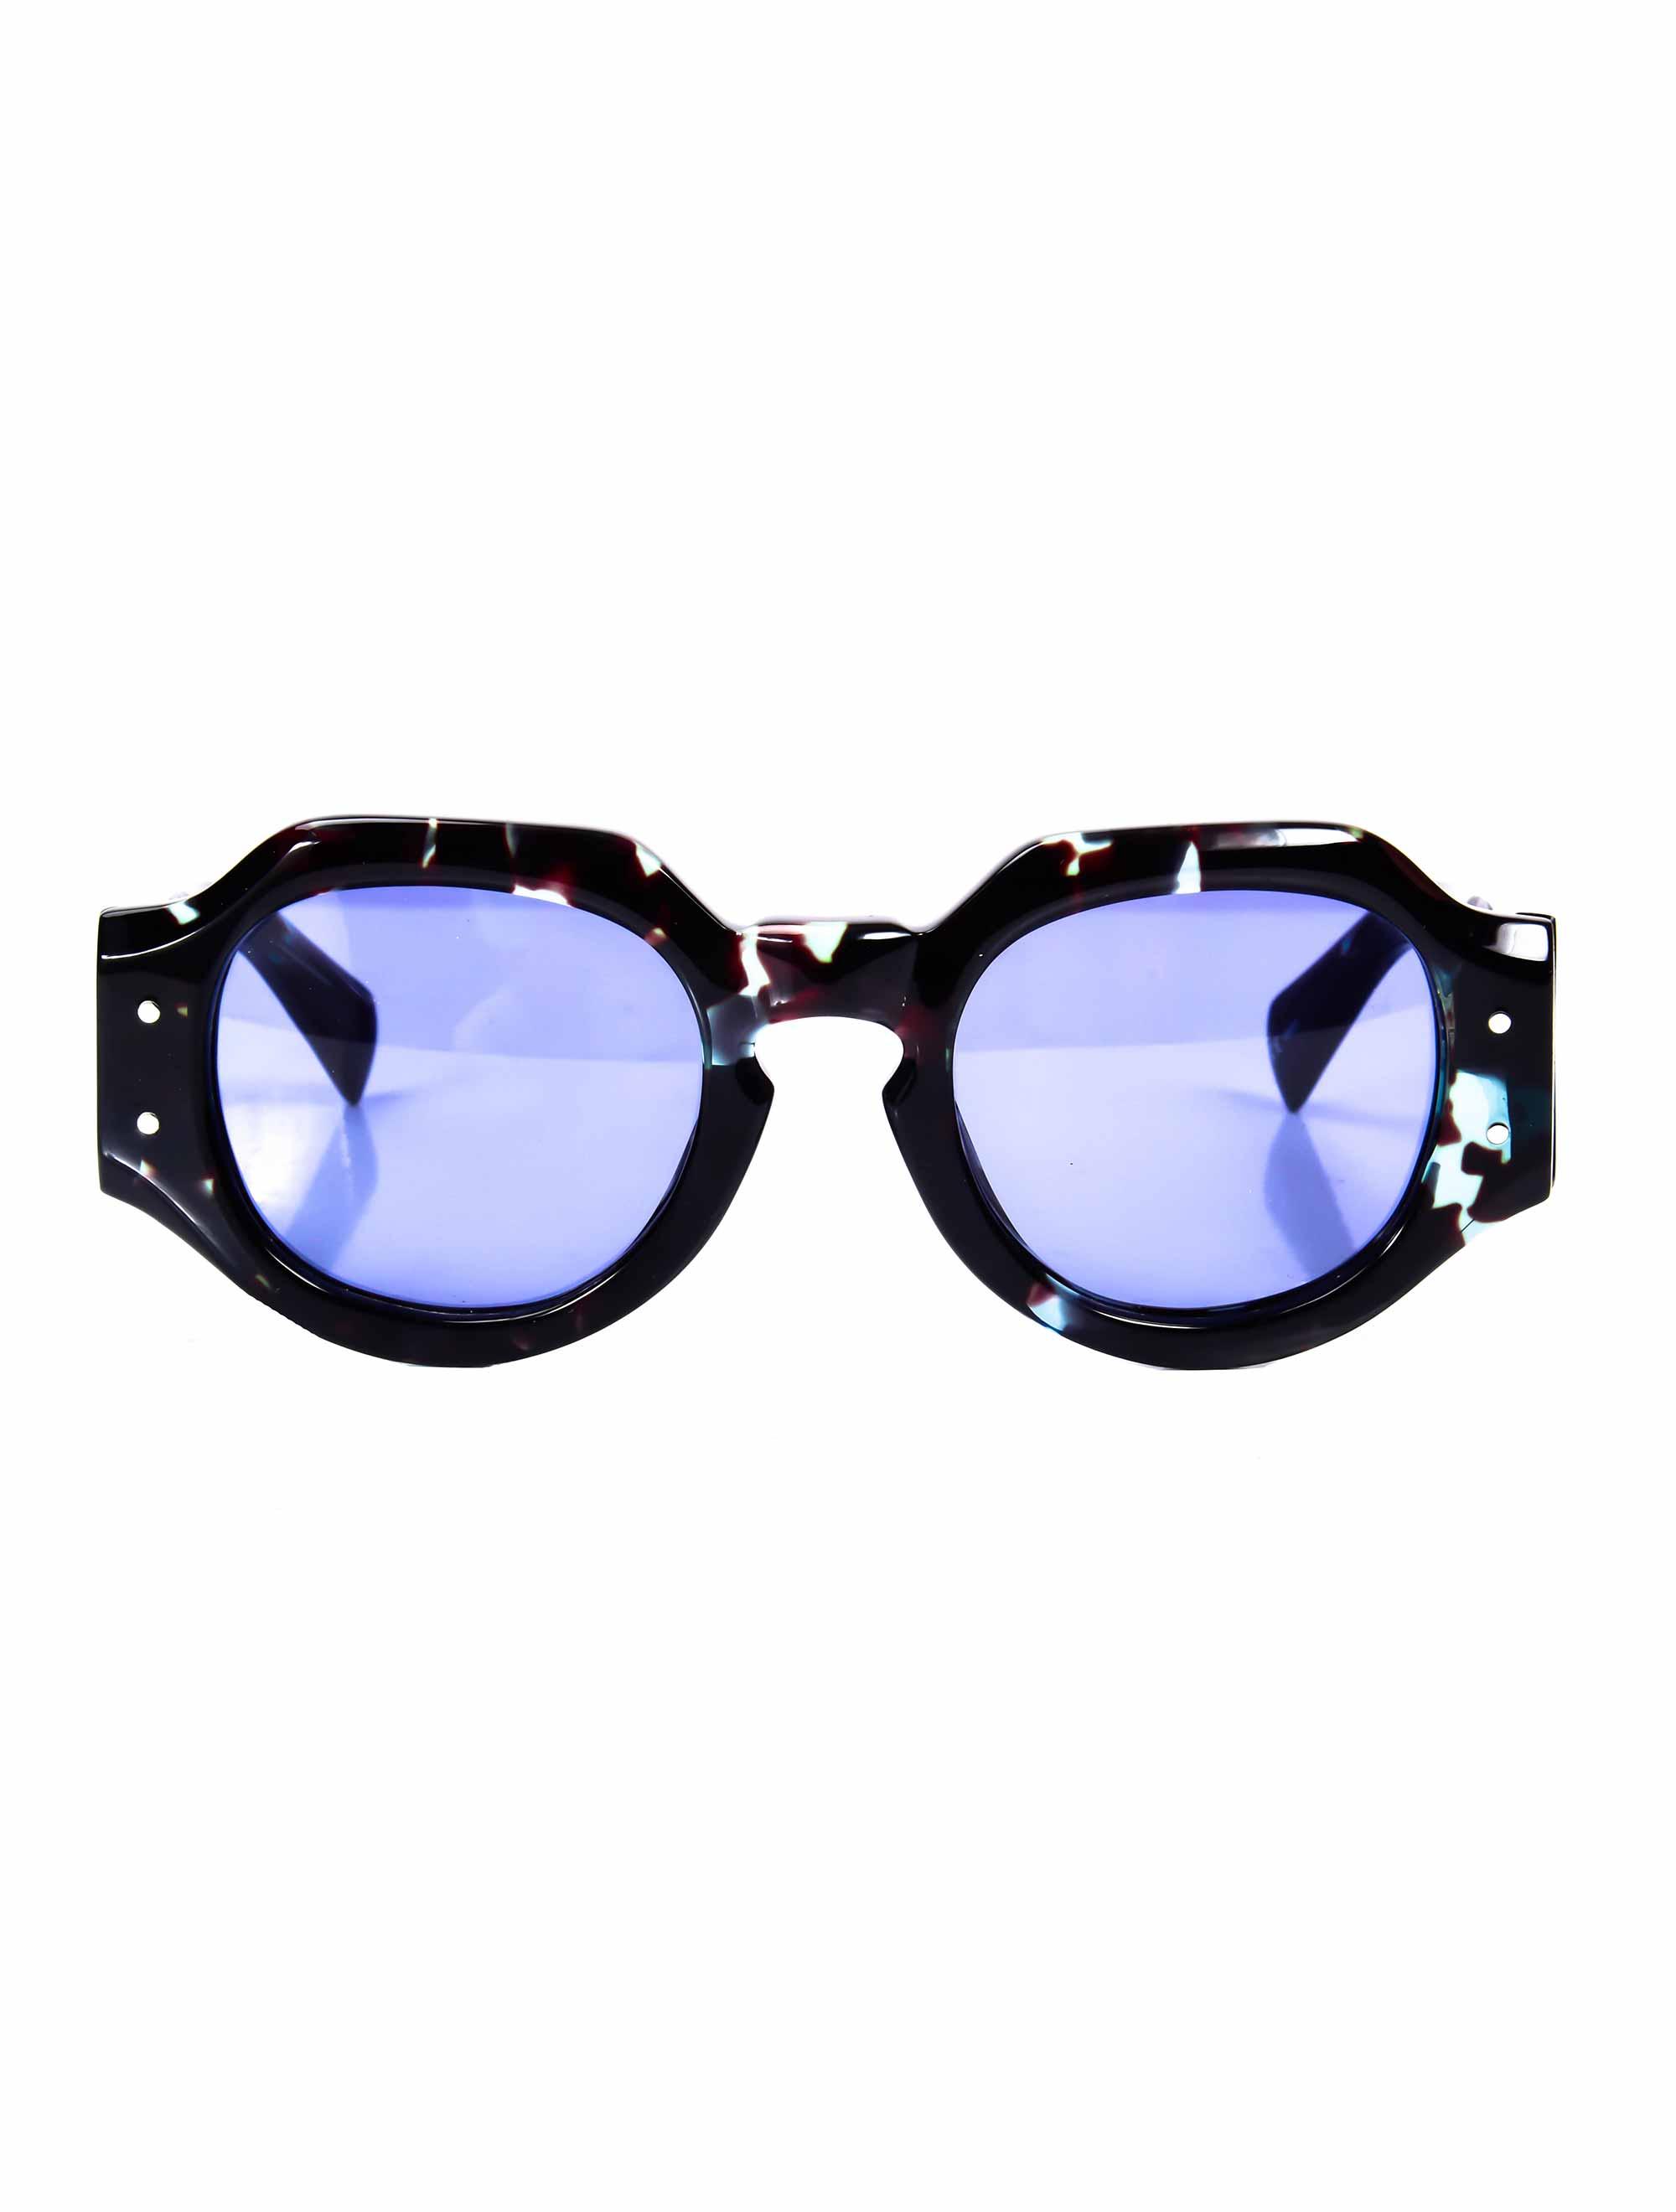 Picture of Linda Farrow | Dries Van Noten Sunglasses